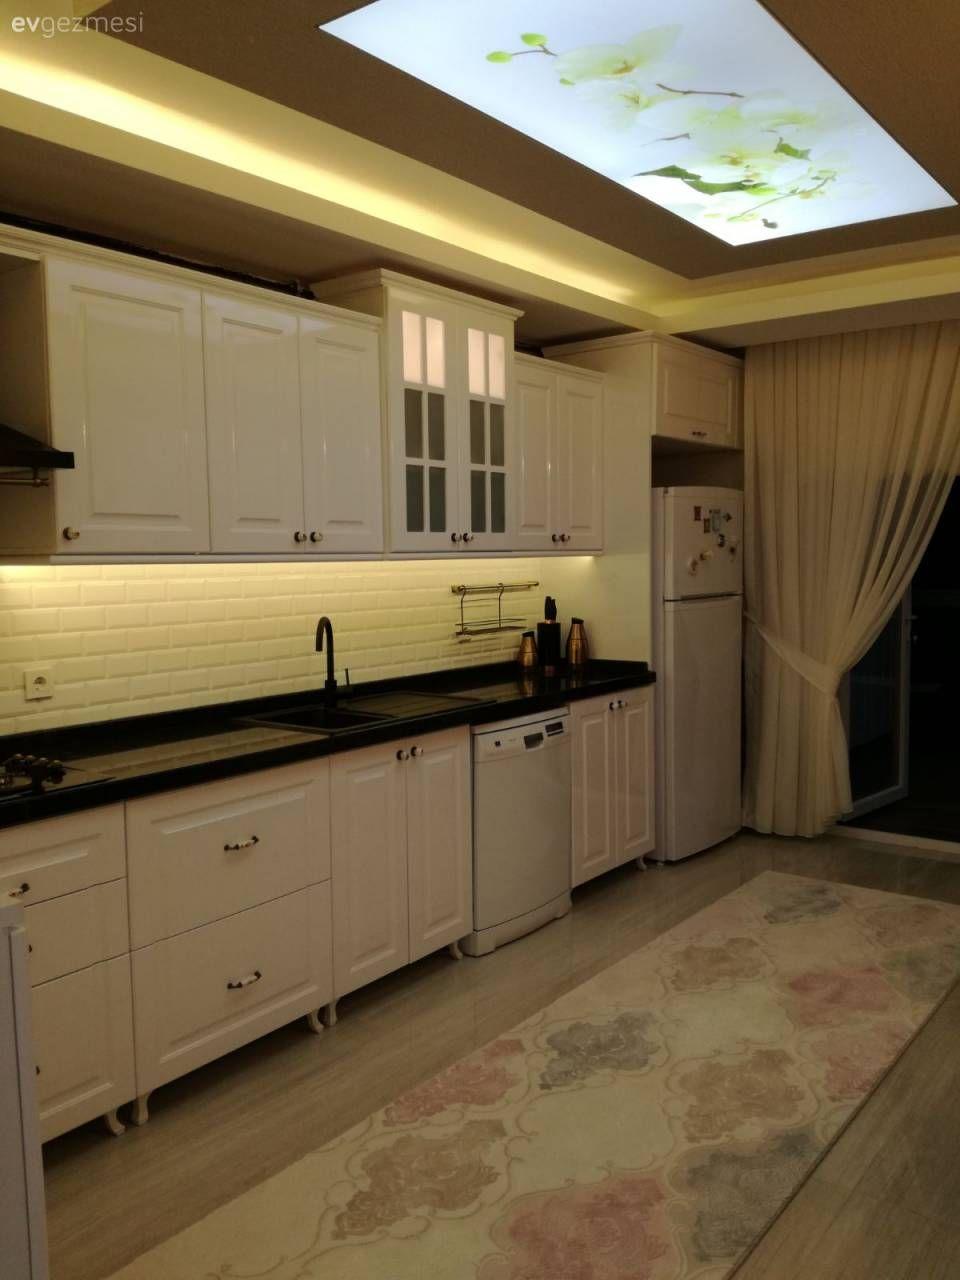 Evimden Birkac Kare Paylasmak Istedim 3 Banyo Dekorasyonu Ic Tasarim Mutfak Oturma Odalari